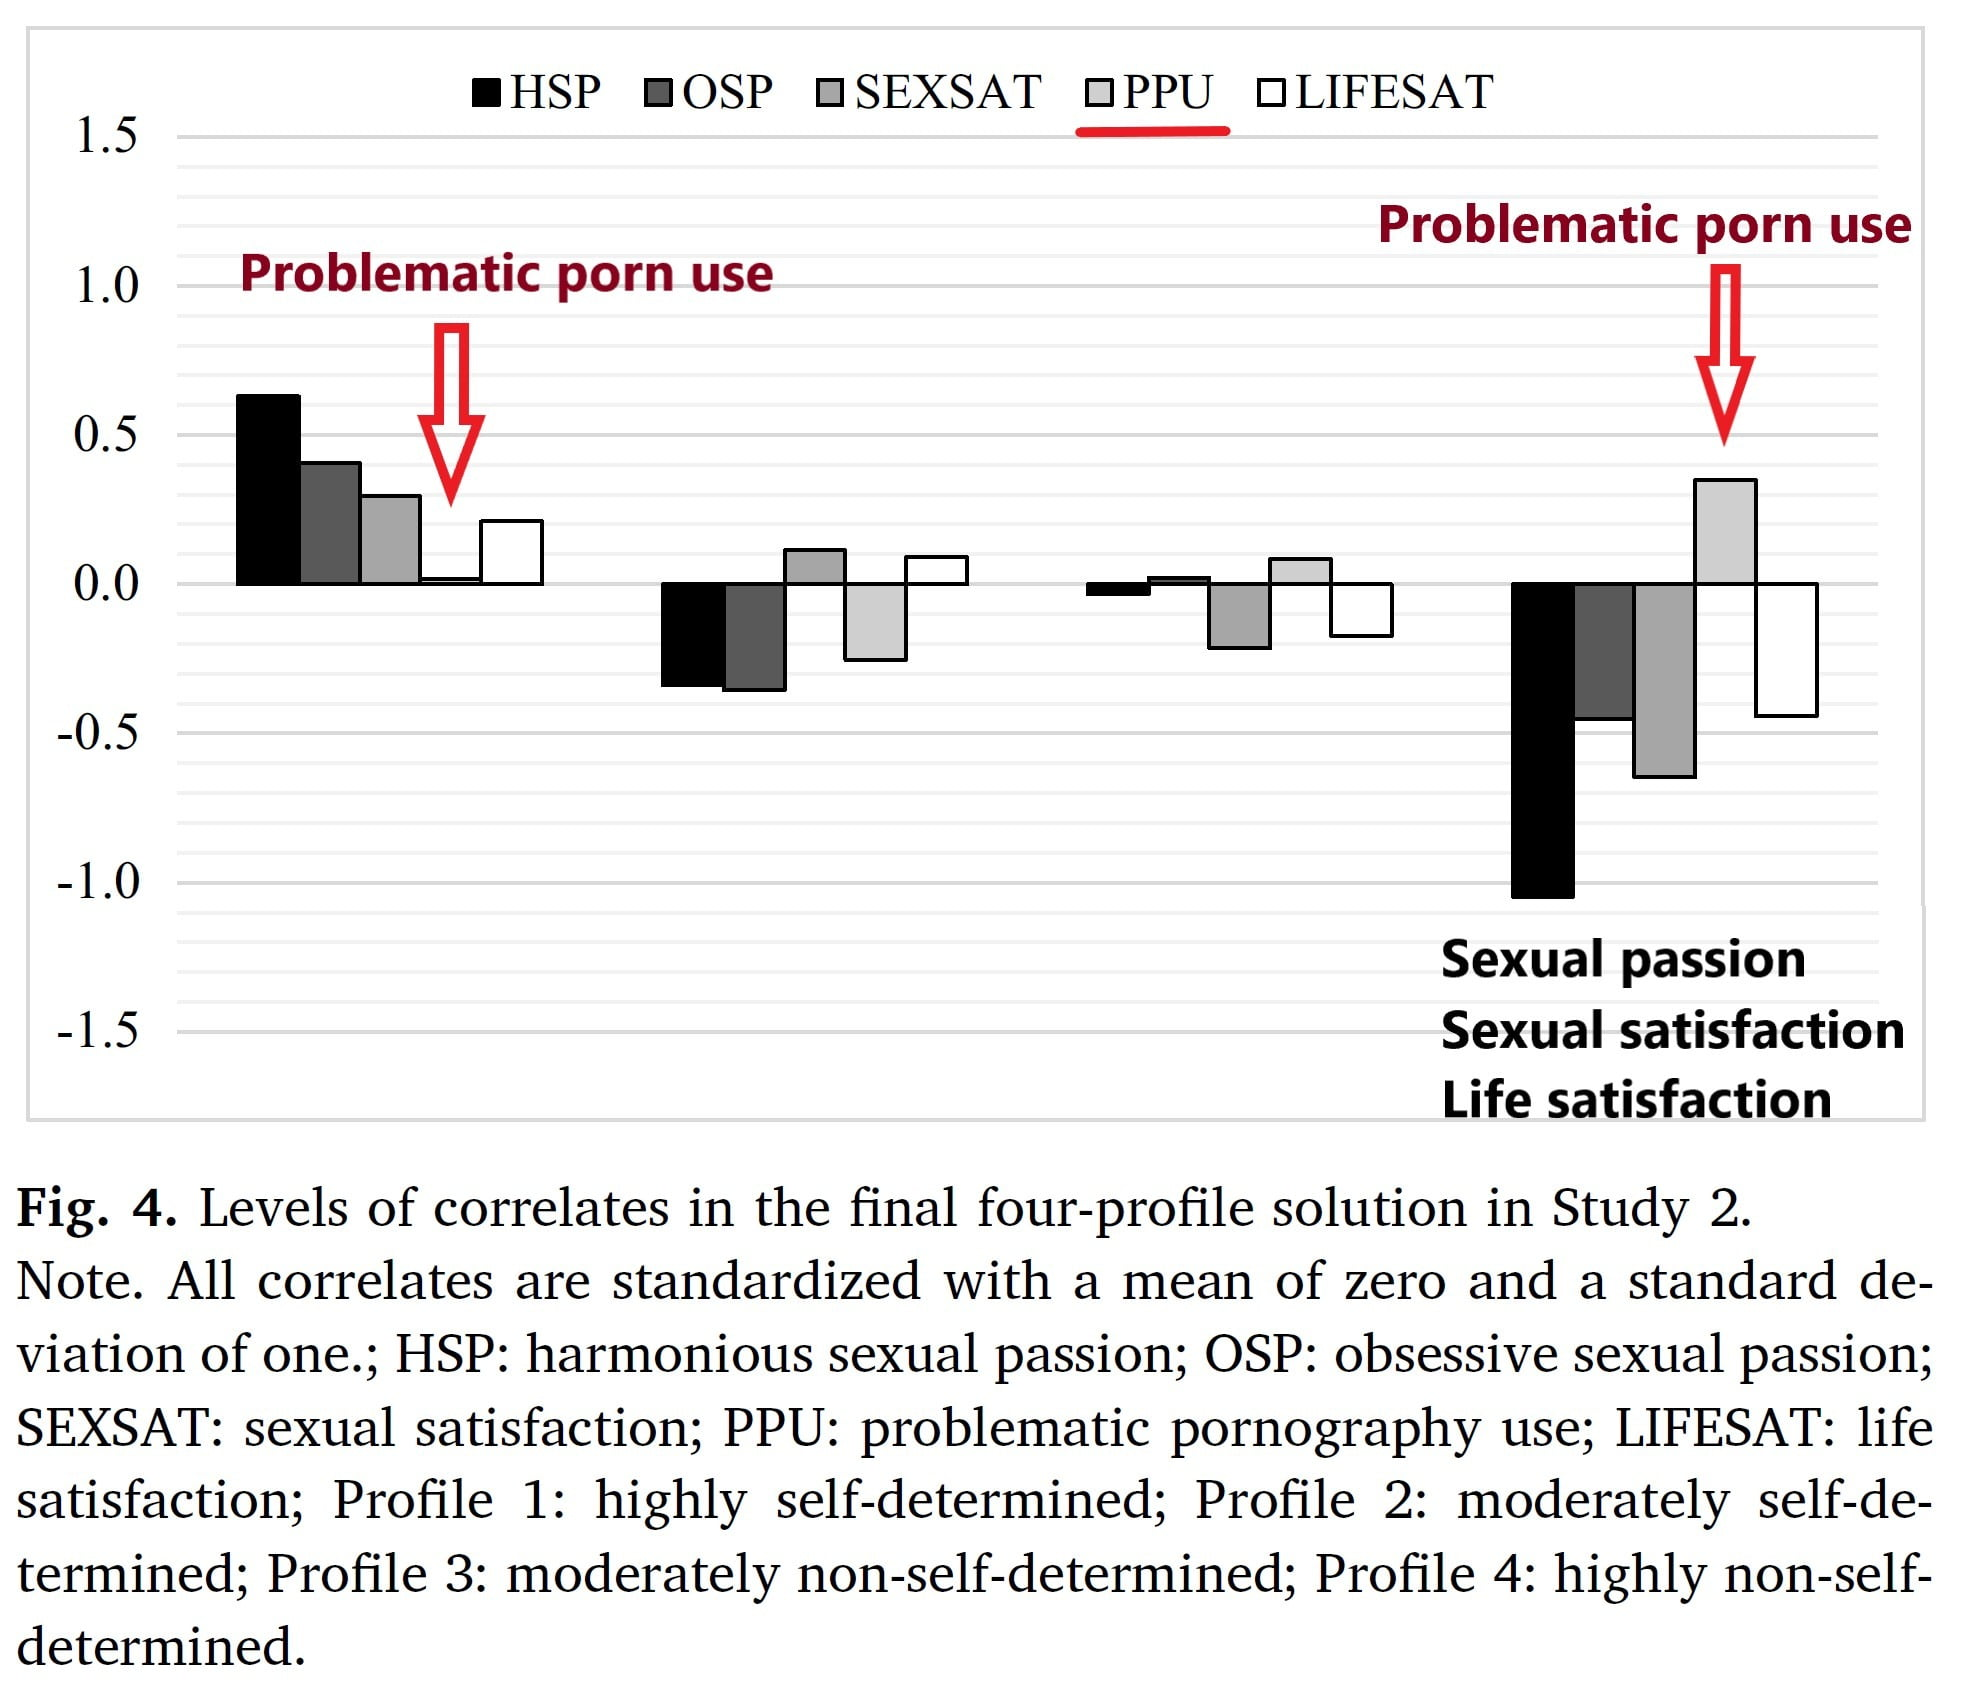 analno zlostavljanje pornografija